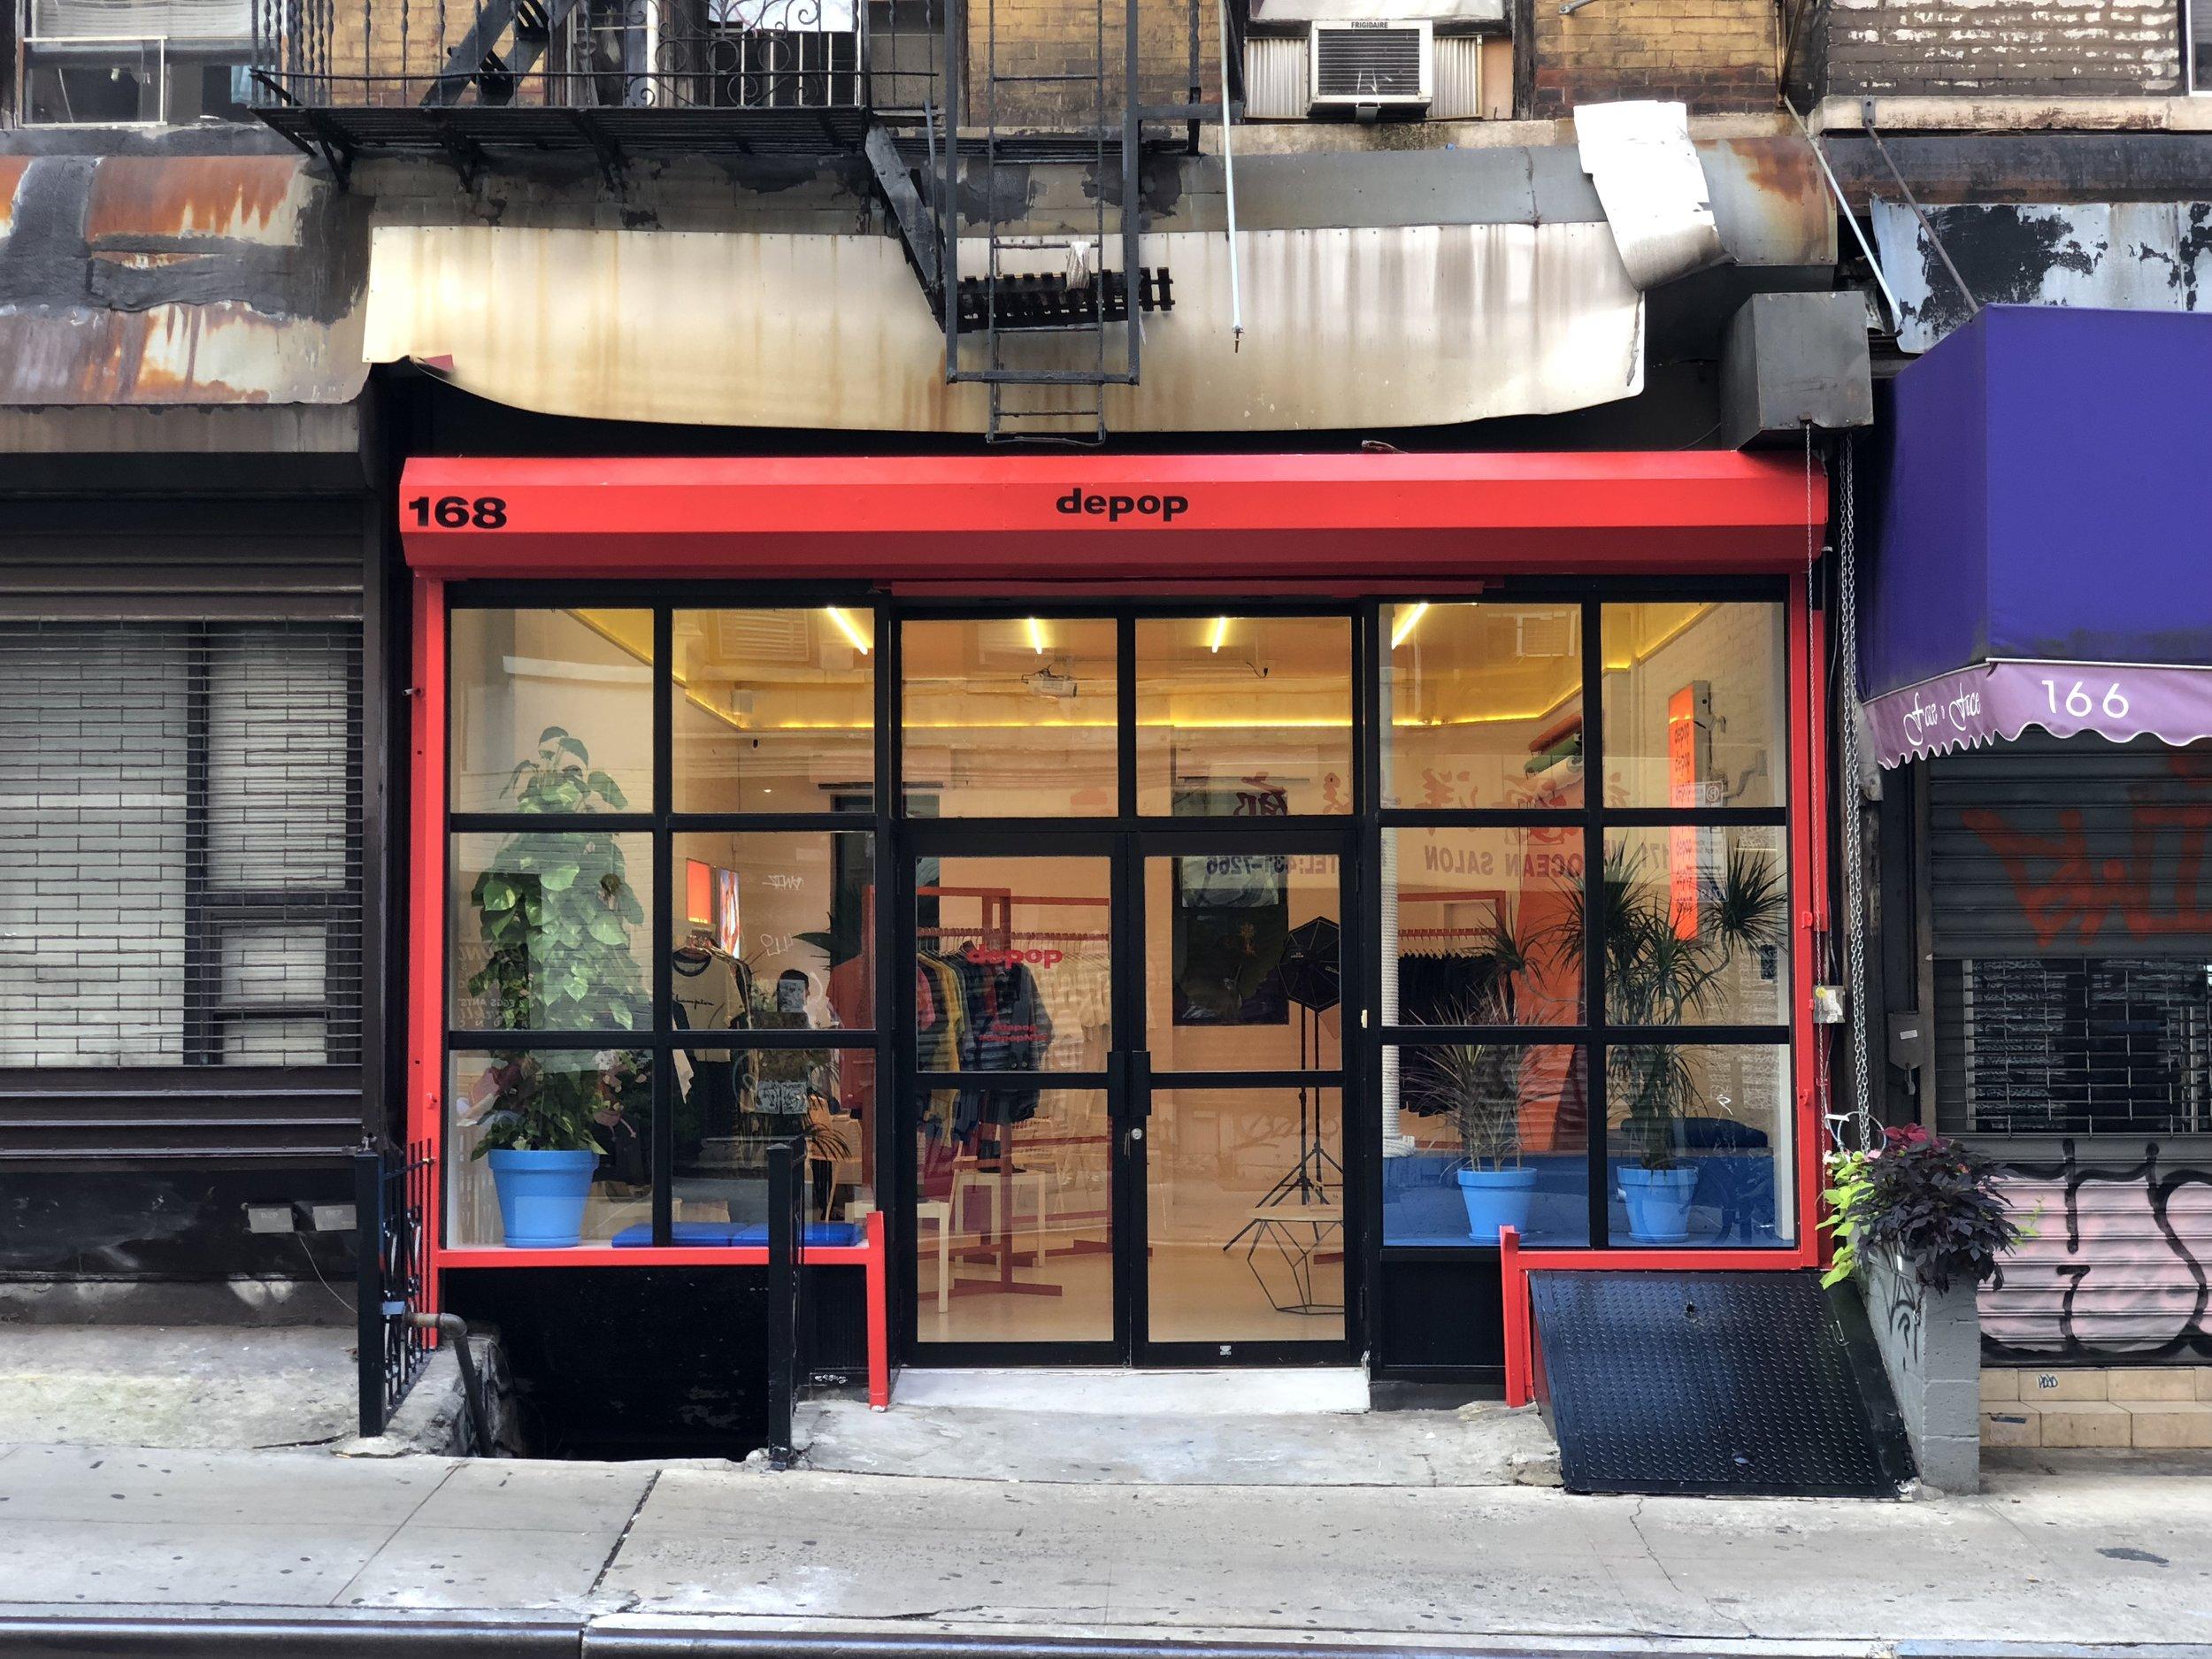 出典: https://wwd.com/business-news/real-estate/depop-crafts-a-space-in-new-york-citys-chinatown-1202778174/